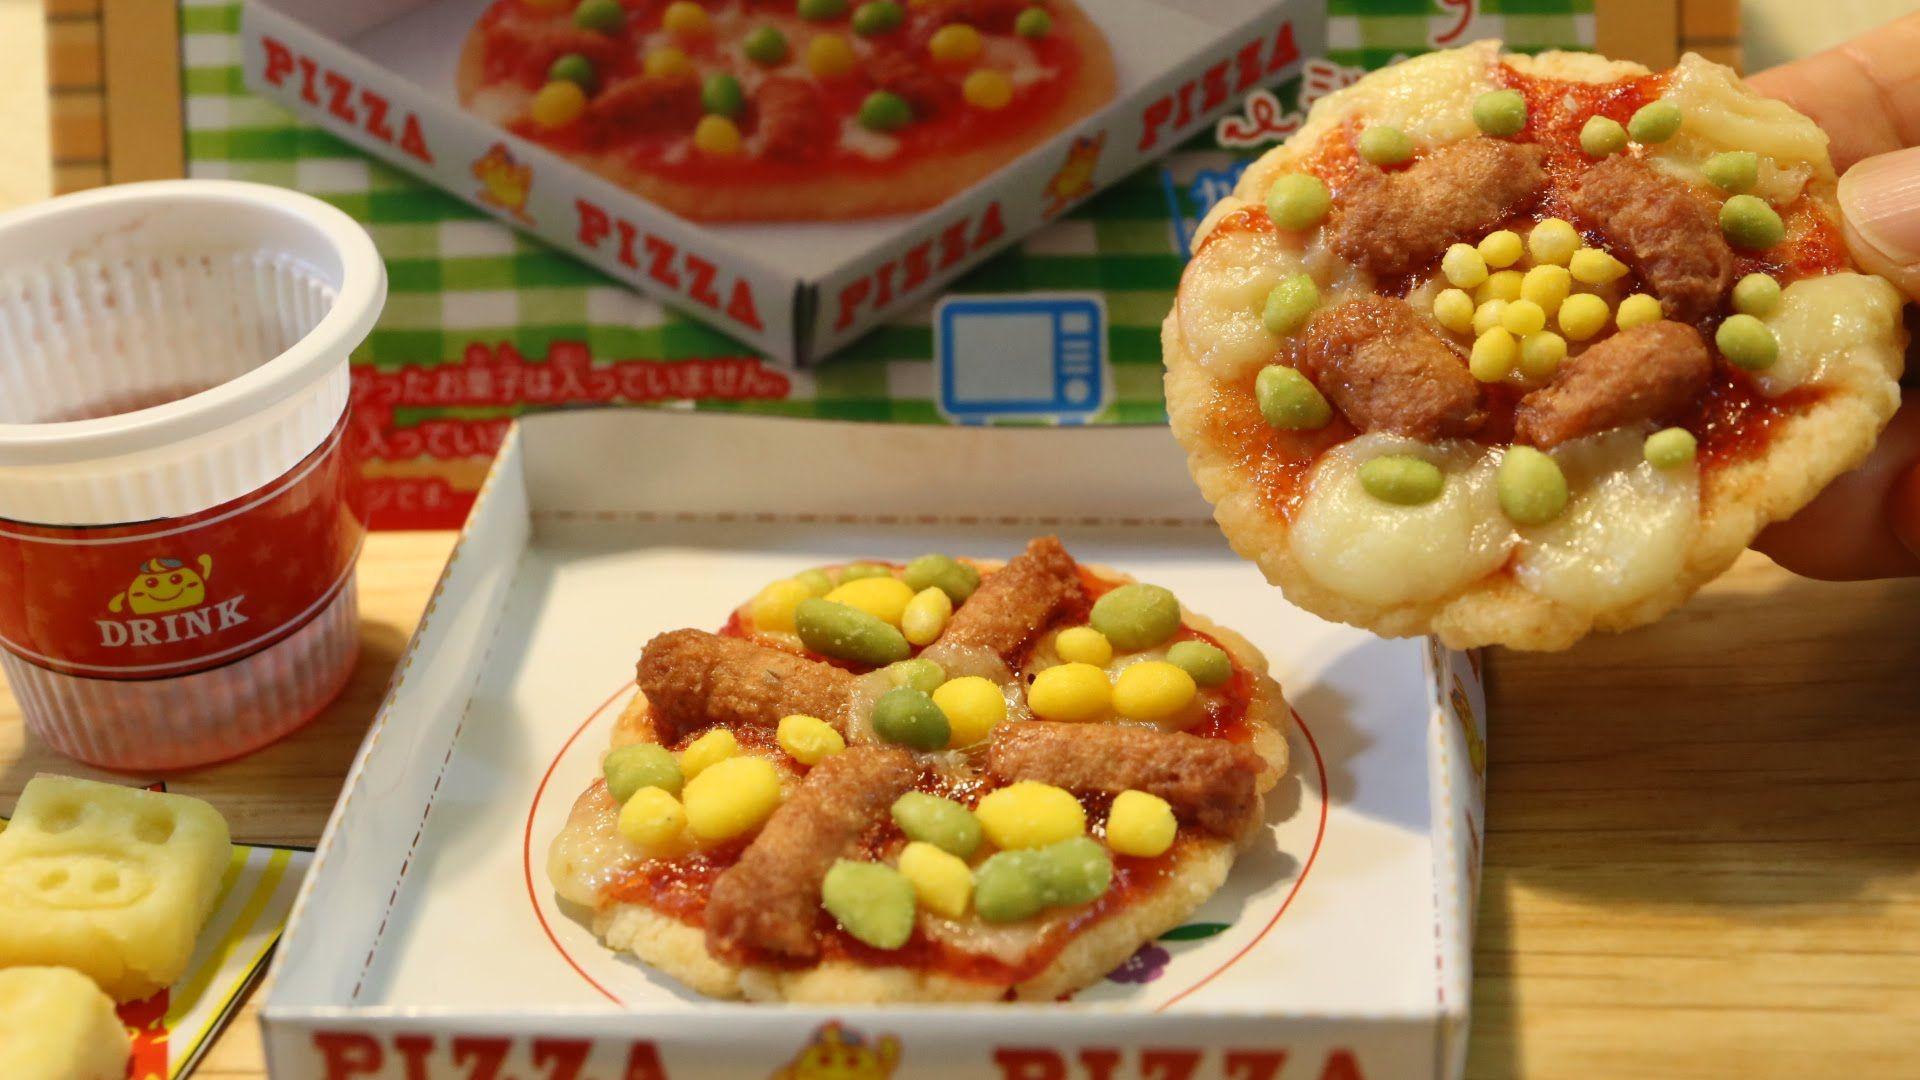 Le tout nouveau kit de Kracie pour faire 2 minis pizzas accompagnées de pommes de terres et d'une boisson au raisin. Tous les ingrédients et les accessoires sont fournis. Vous avez juste besoin d'un peu d'eau et d'un four à micro-ondes. La préparation est simple et détaillée en images au dos de la boîte. Une friandise sans colorants ni conservateurs artificiels.